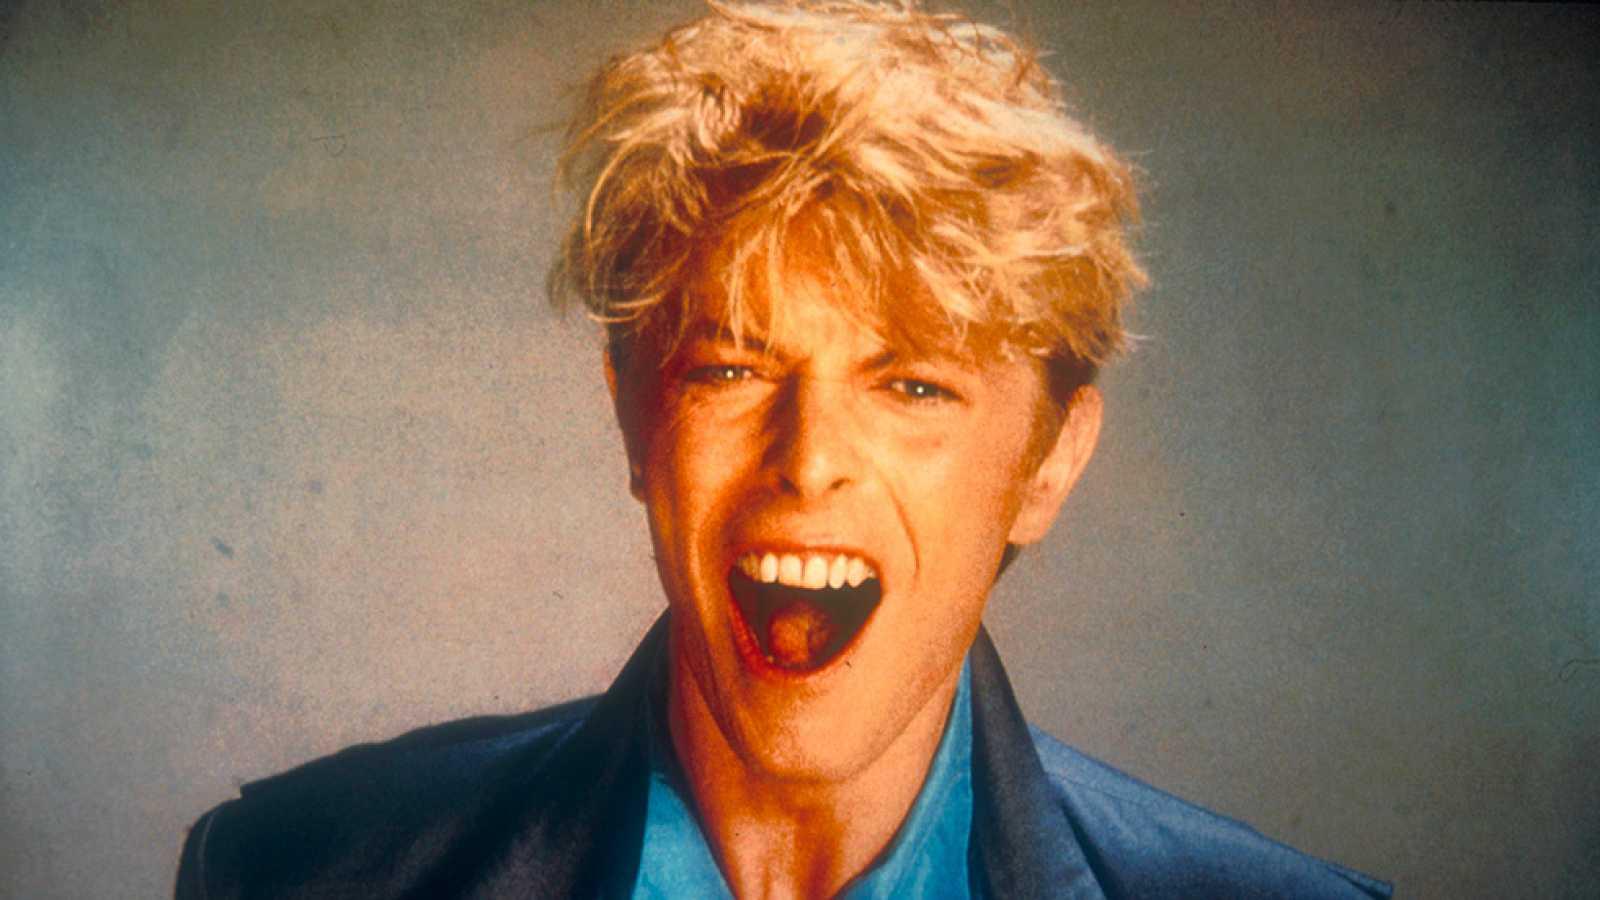 David Bowie ha muerto a los 69 años víctima de un cáncer